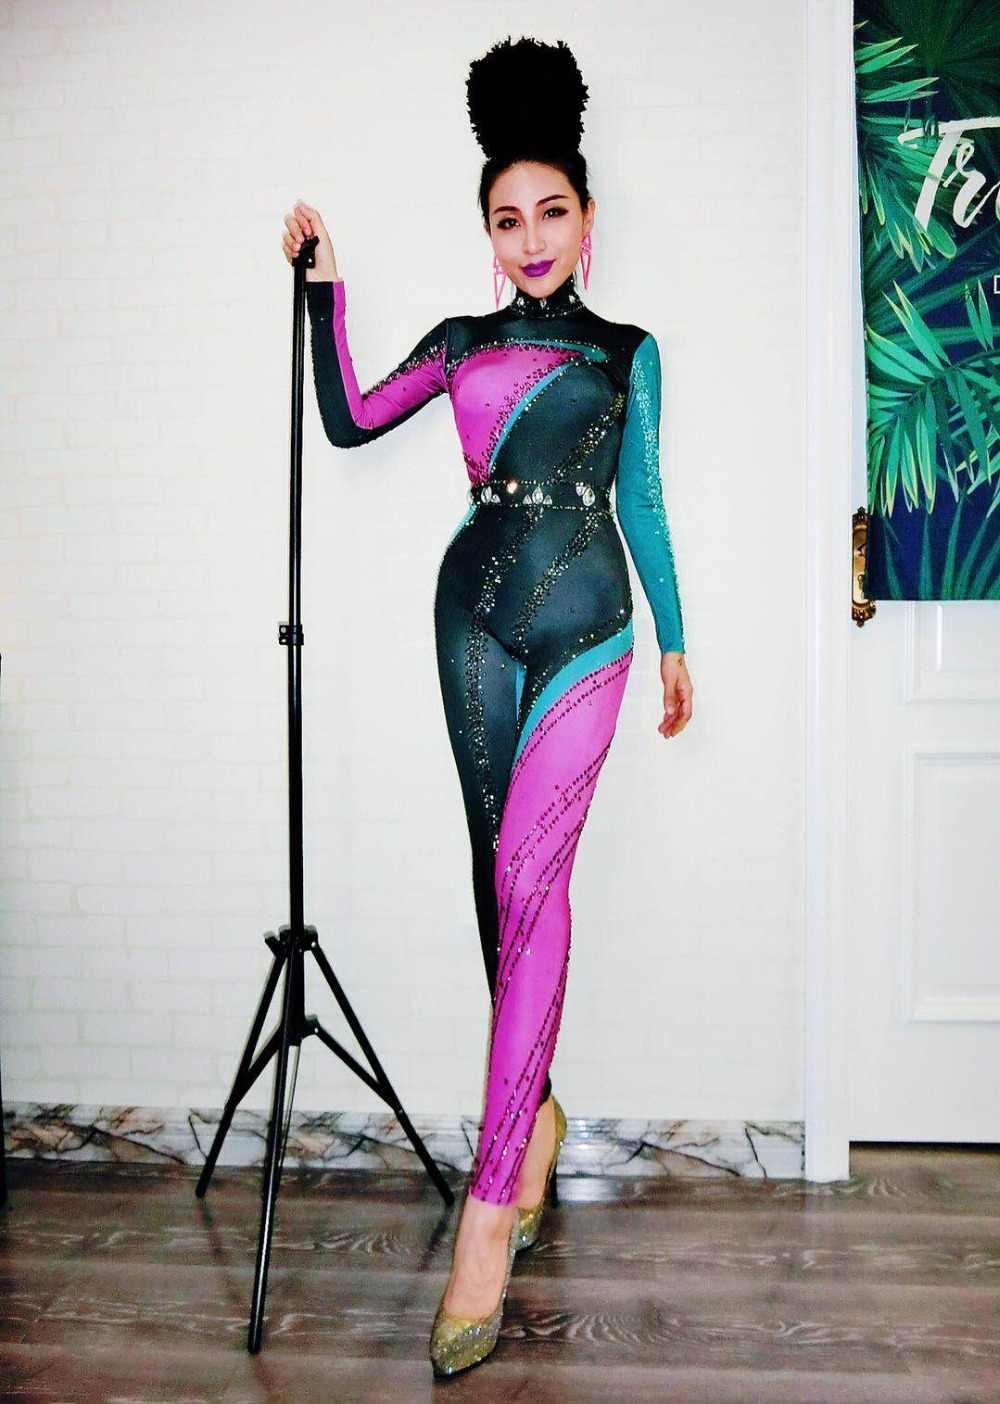 الأحجار الملونة تمتد بذلة طويلة الأكمام واحدة قطعة ارتداء ملهى ليلي المغني راقصة ارتداءها المرأة حزب تظهر مثير طماق